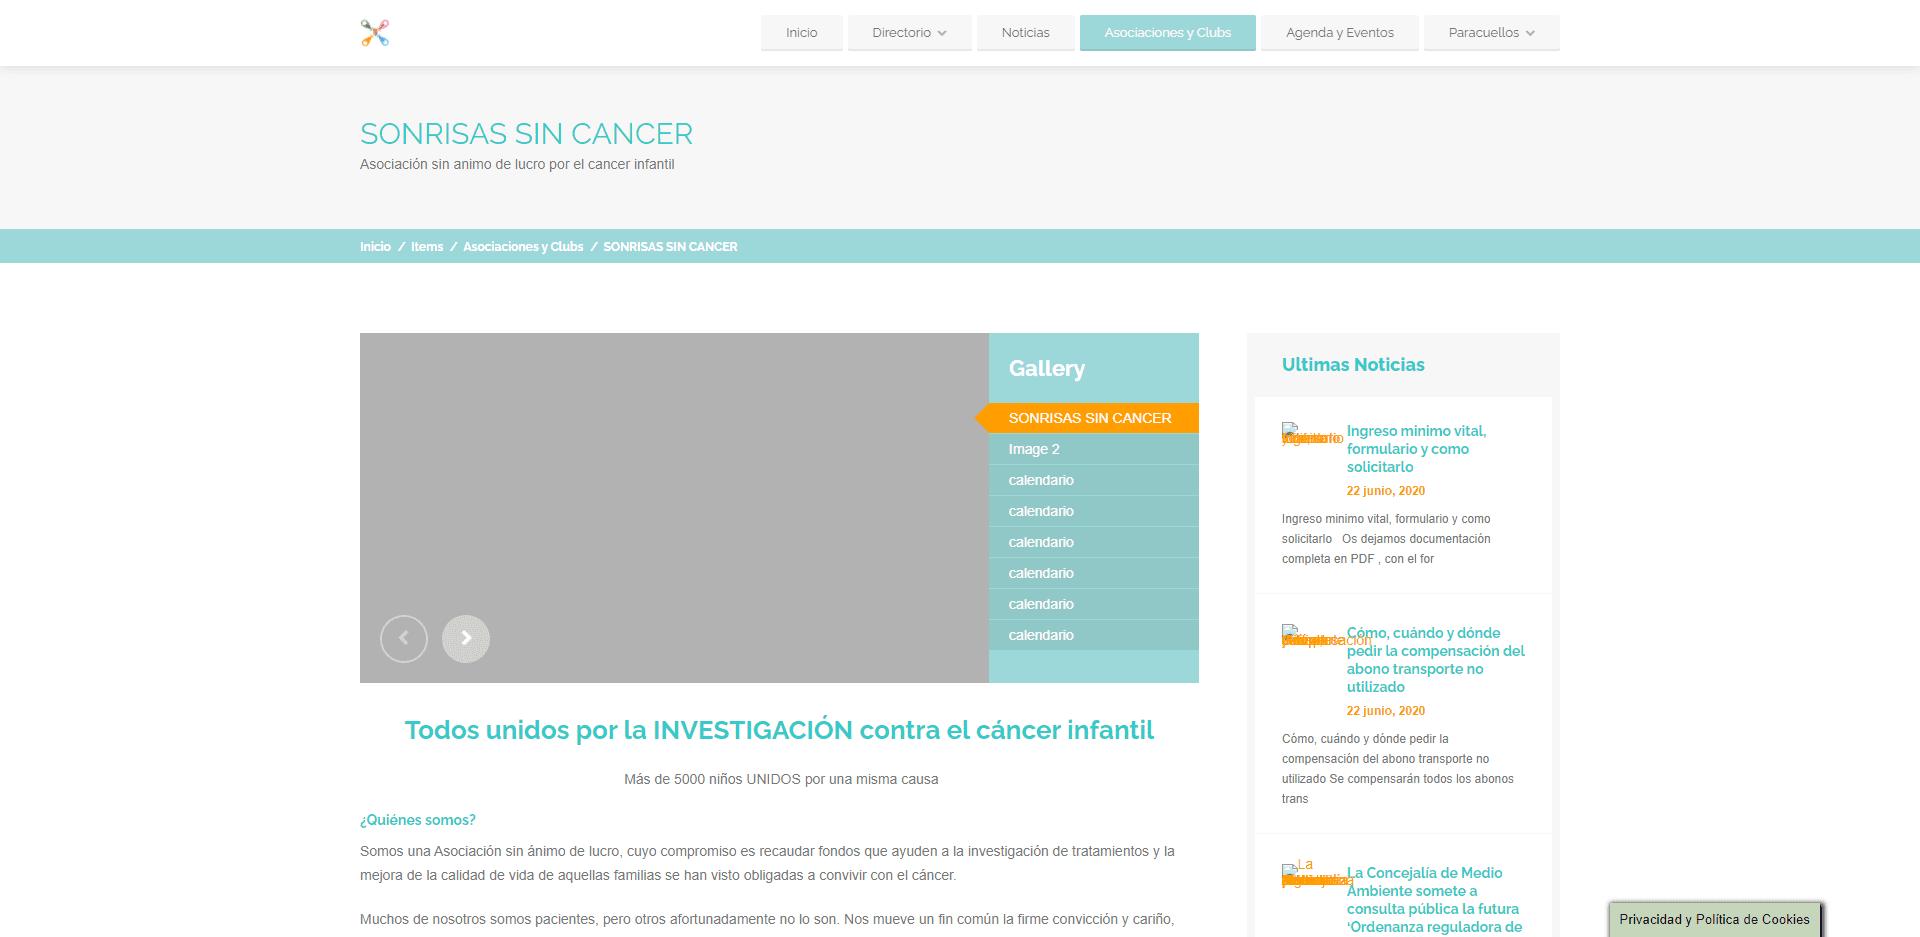 Sonrisas sin cáncer investigación del cáncer infantil - www.infoparacuellos.es